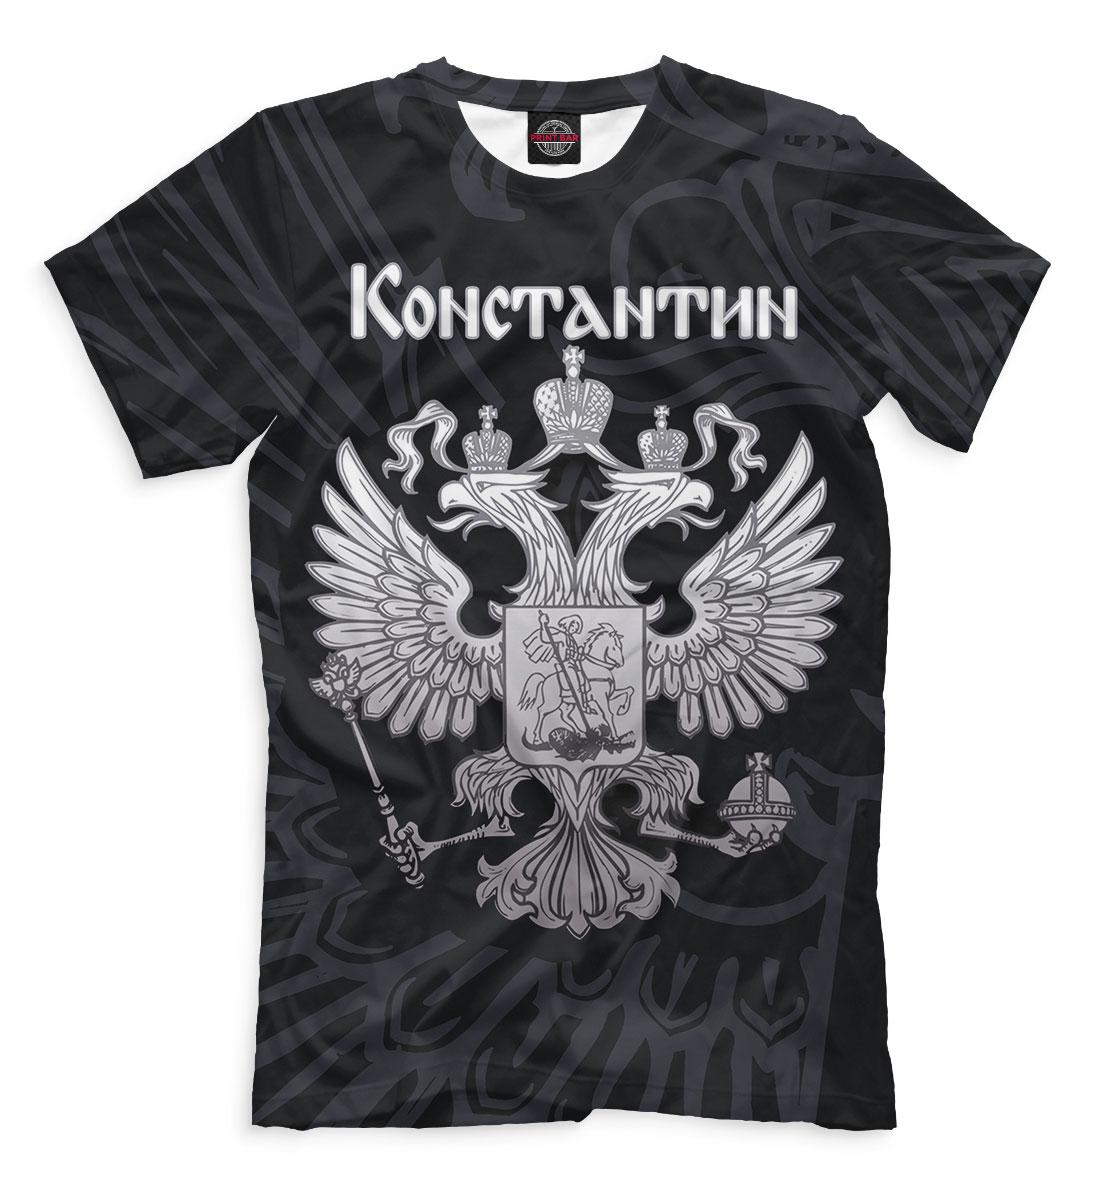 Купить Константин, Printbar, Футболки, KST-563660-fut-2